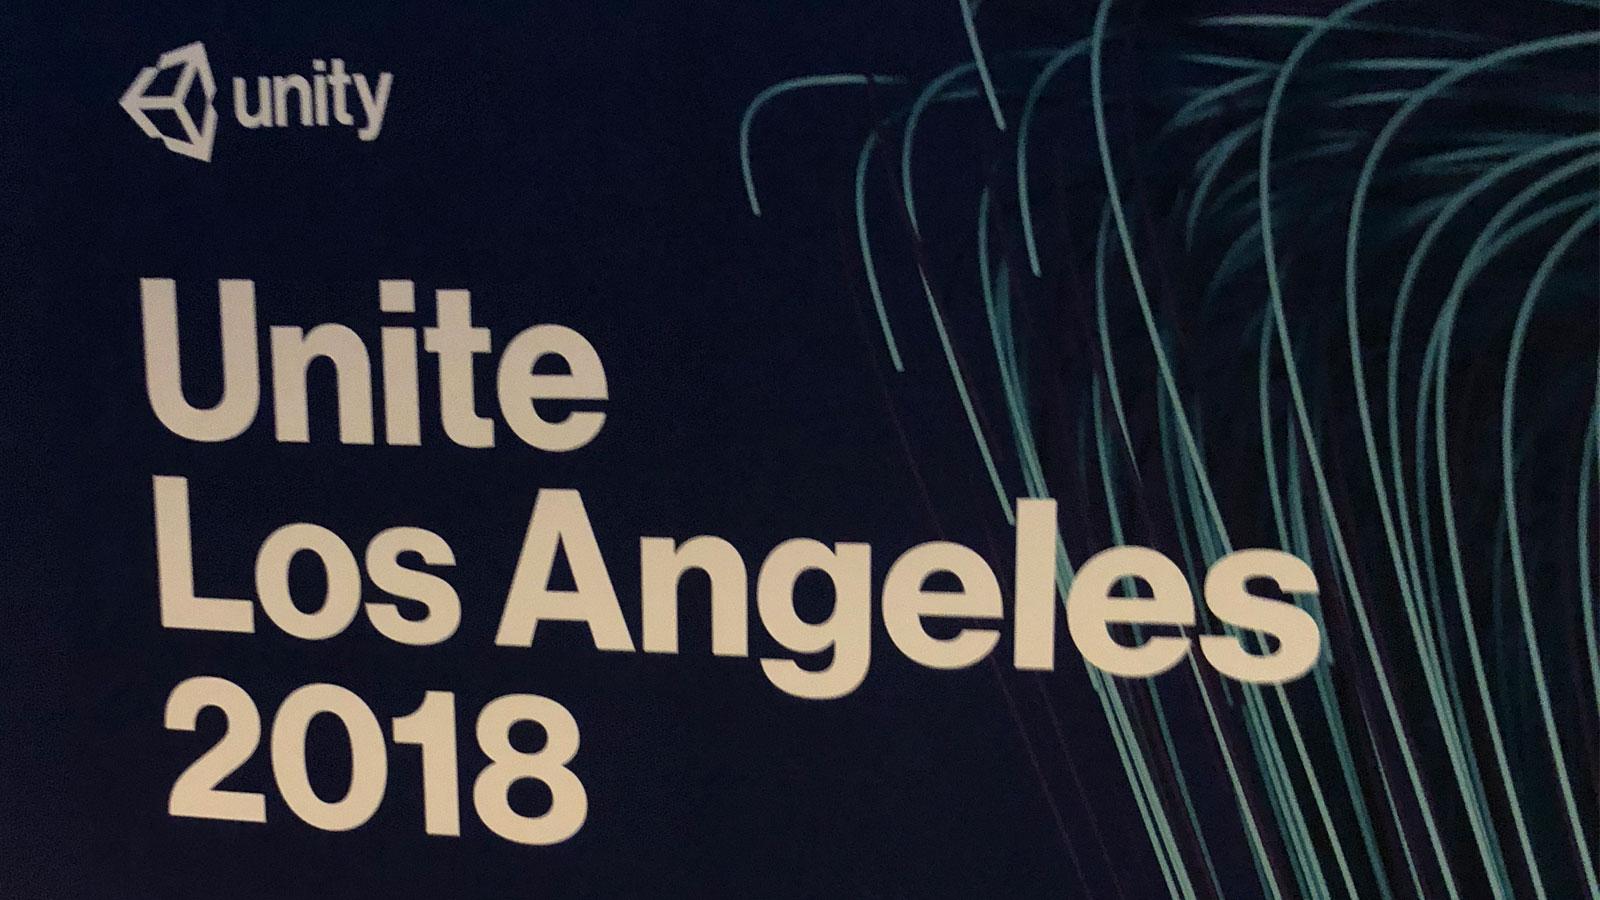 My Experience At The Unite LA